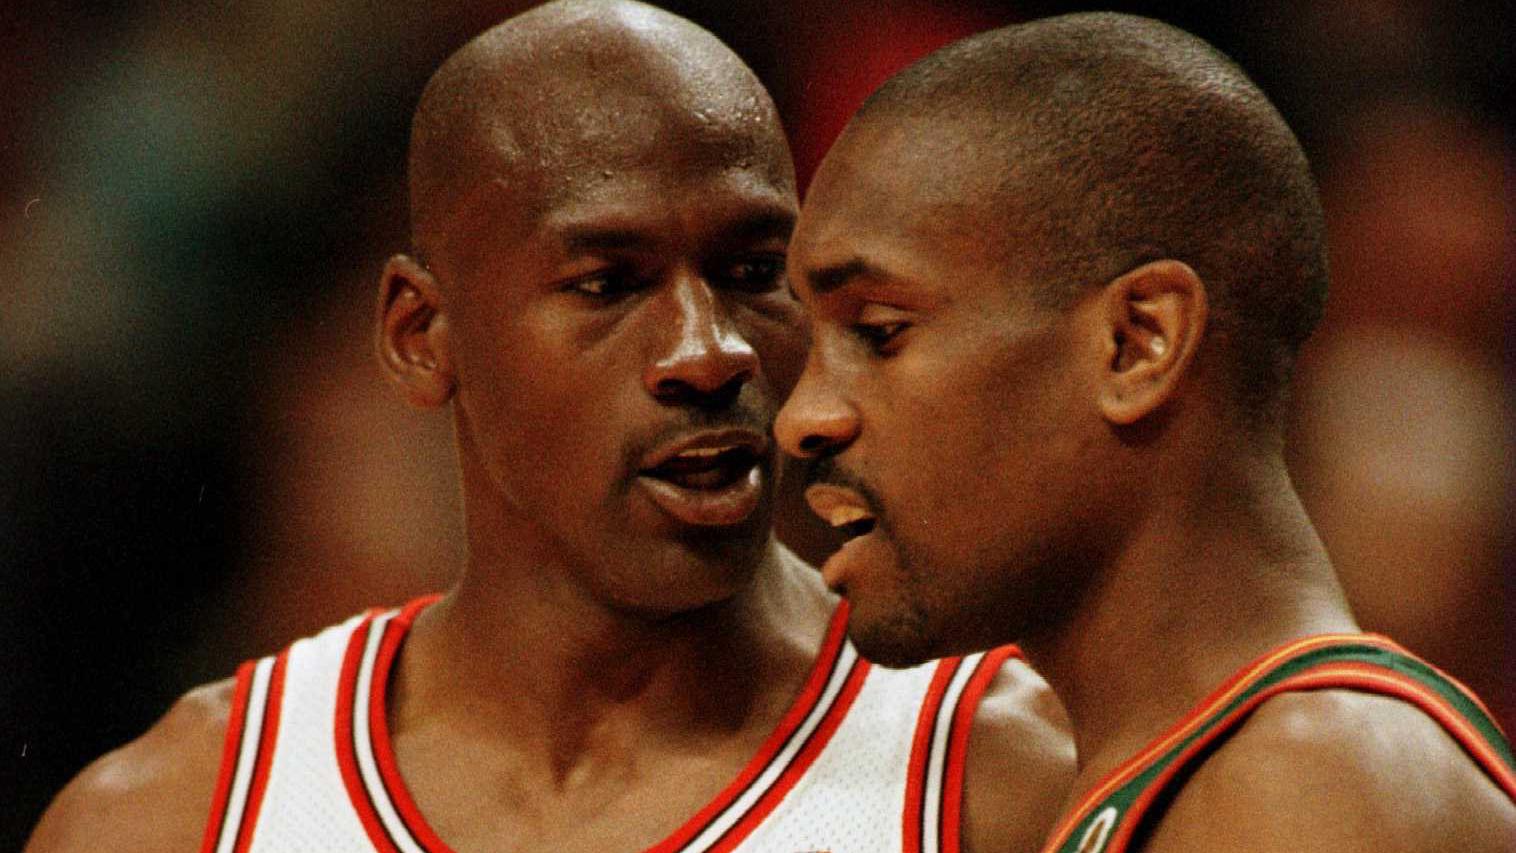 Michael Jordan laughs at Gary Payton, says 'The Glove' couldn't guard him